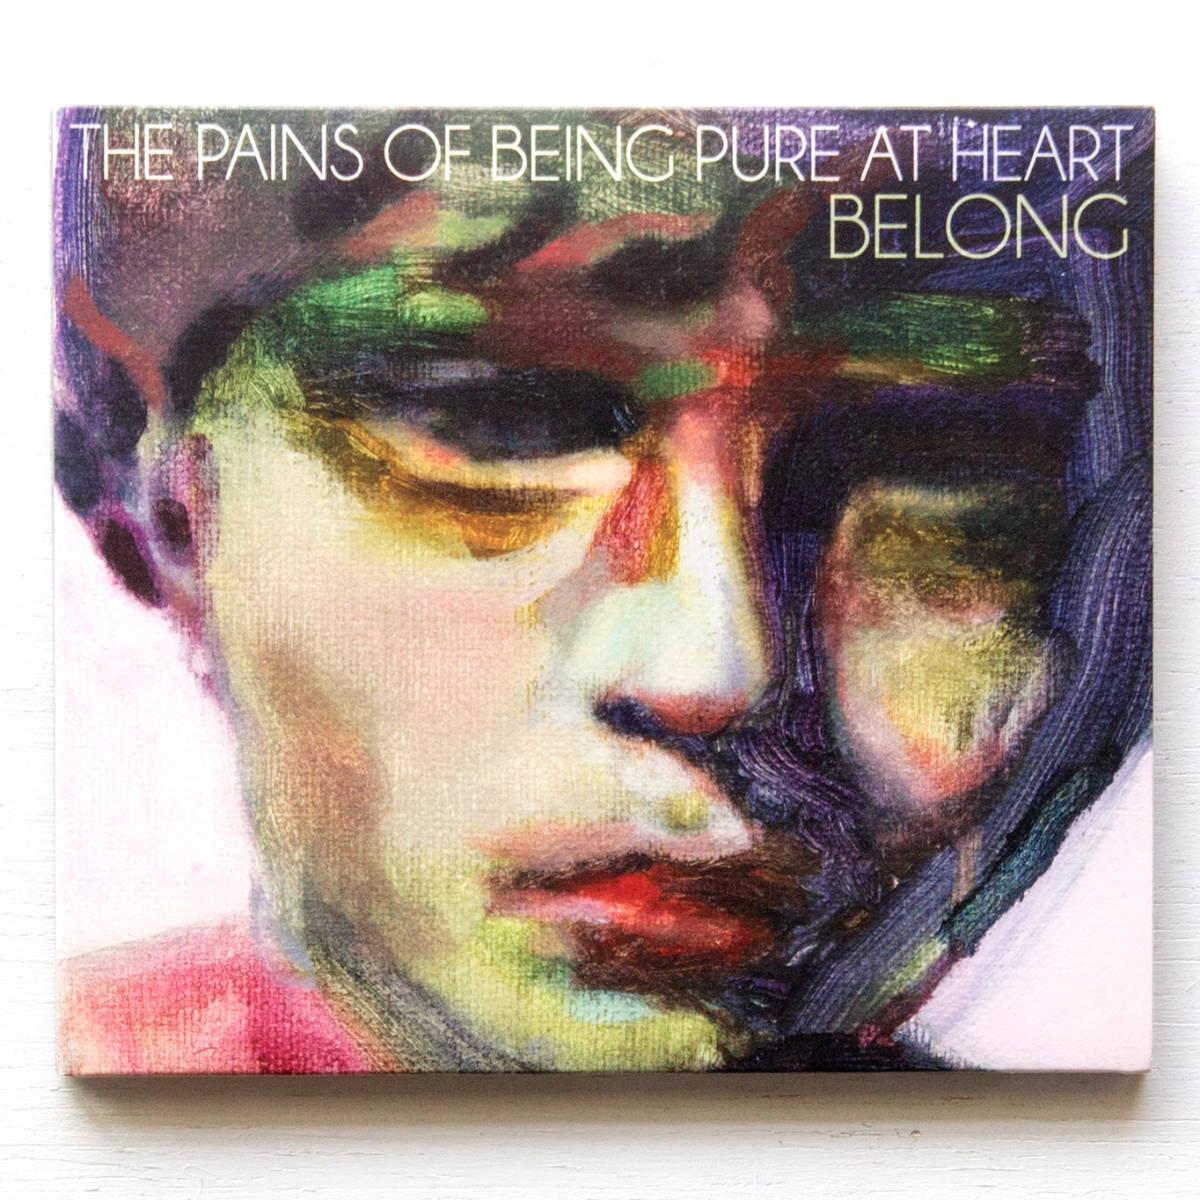 【即決】The Pains Of Being Pure At Heart『Belong』★シューゲイザー★185円でCD4枚まで発送可能★試聴あり_画像1